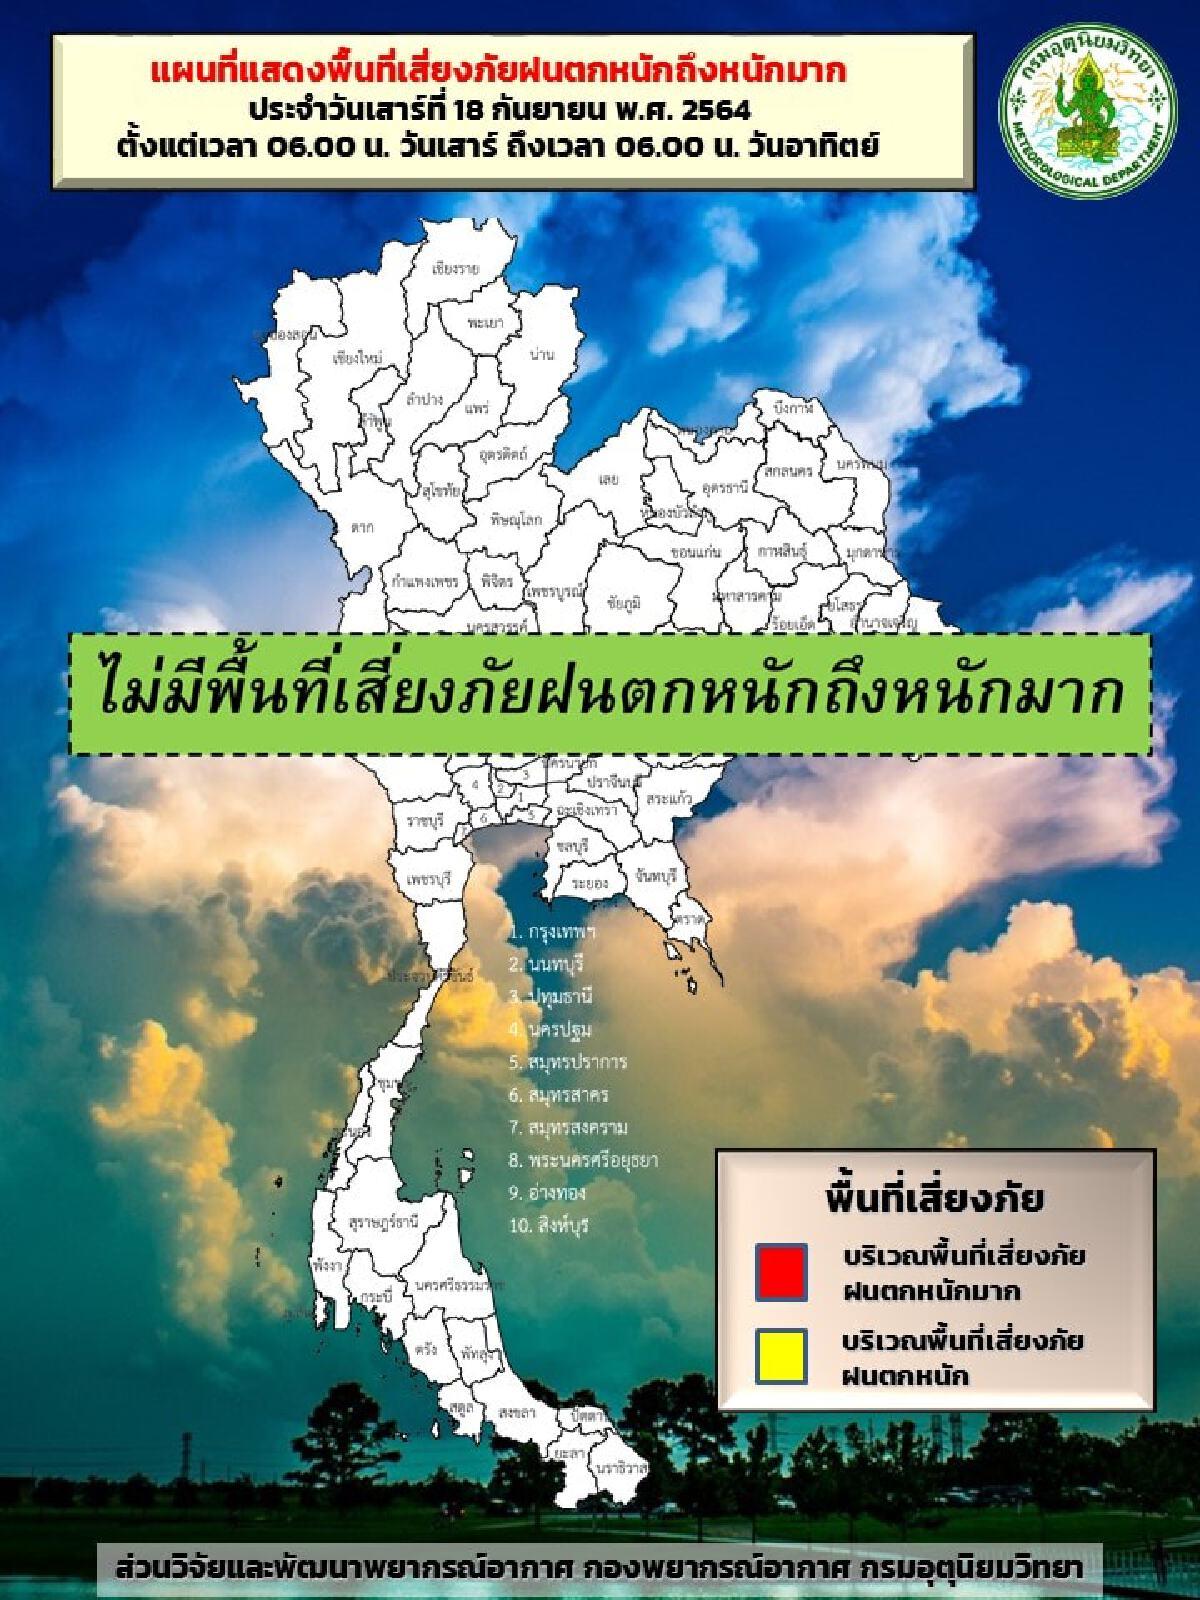 """""""พยากรณ์อากาศ"""" วันนี้ กรมอุตุฯ ชี้ ประเทศไทยฝนลดลง กทม.มีฝนแค่ 30%"""